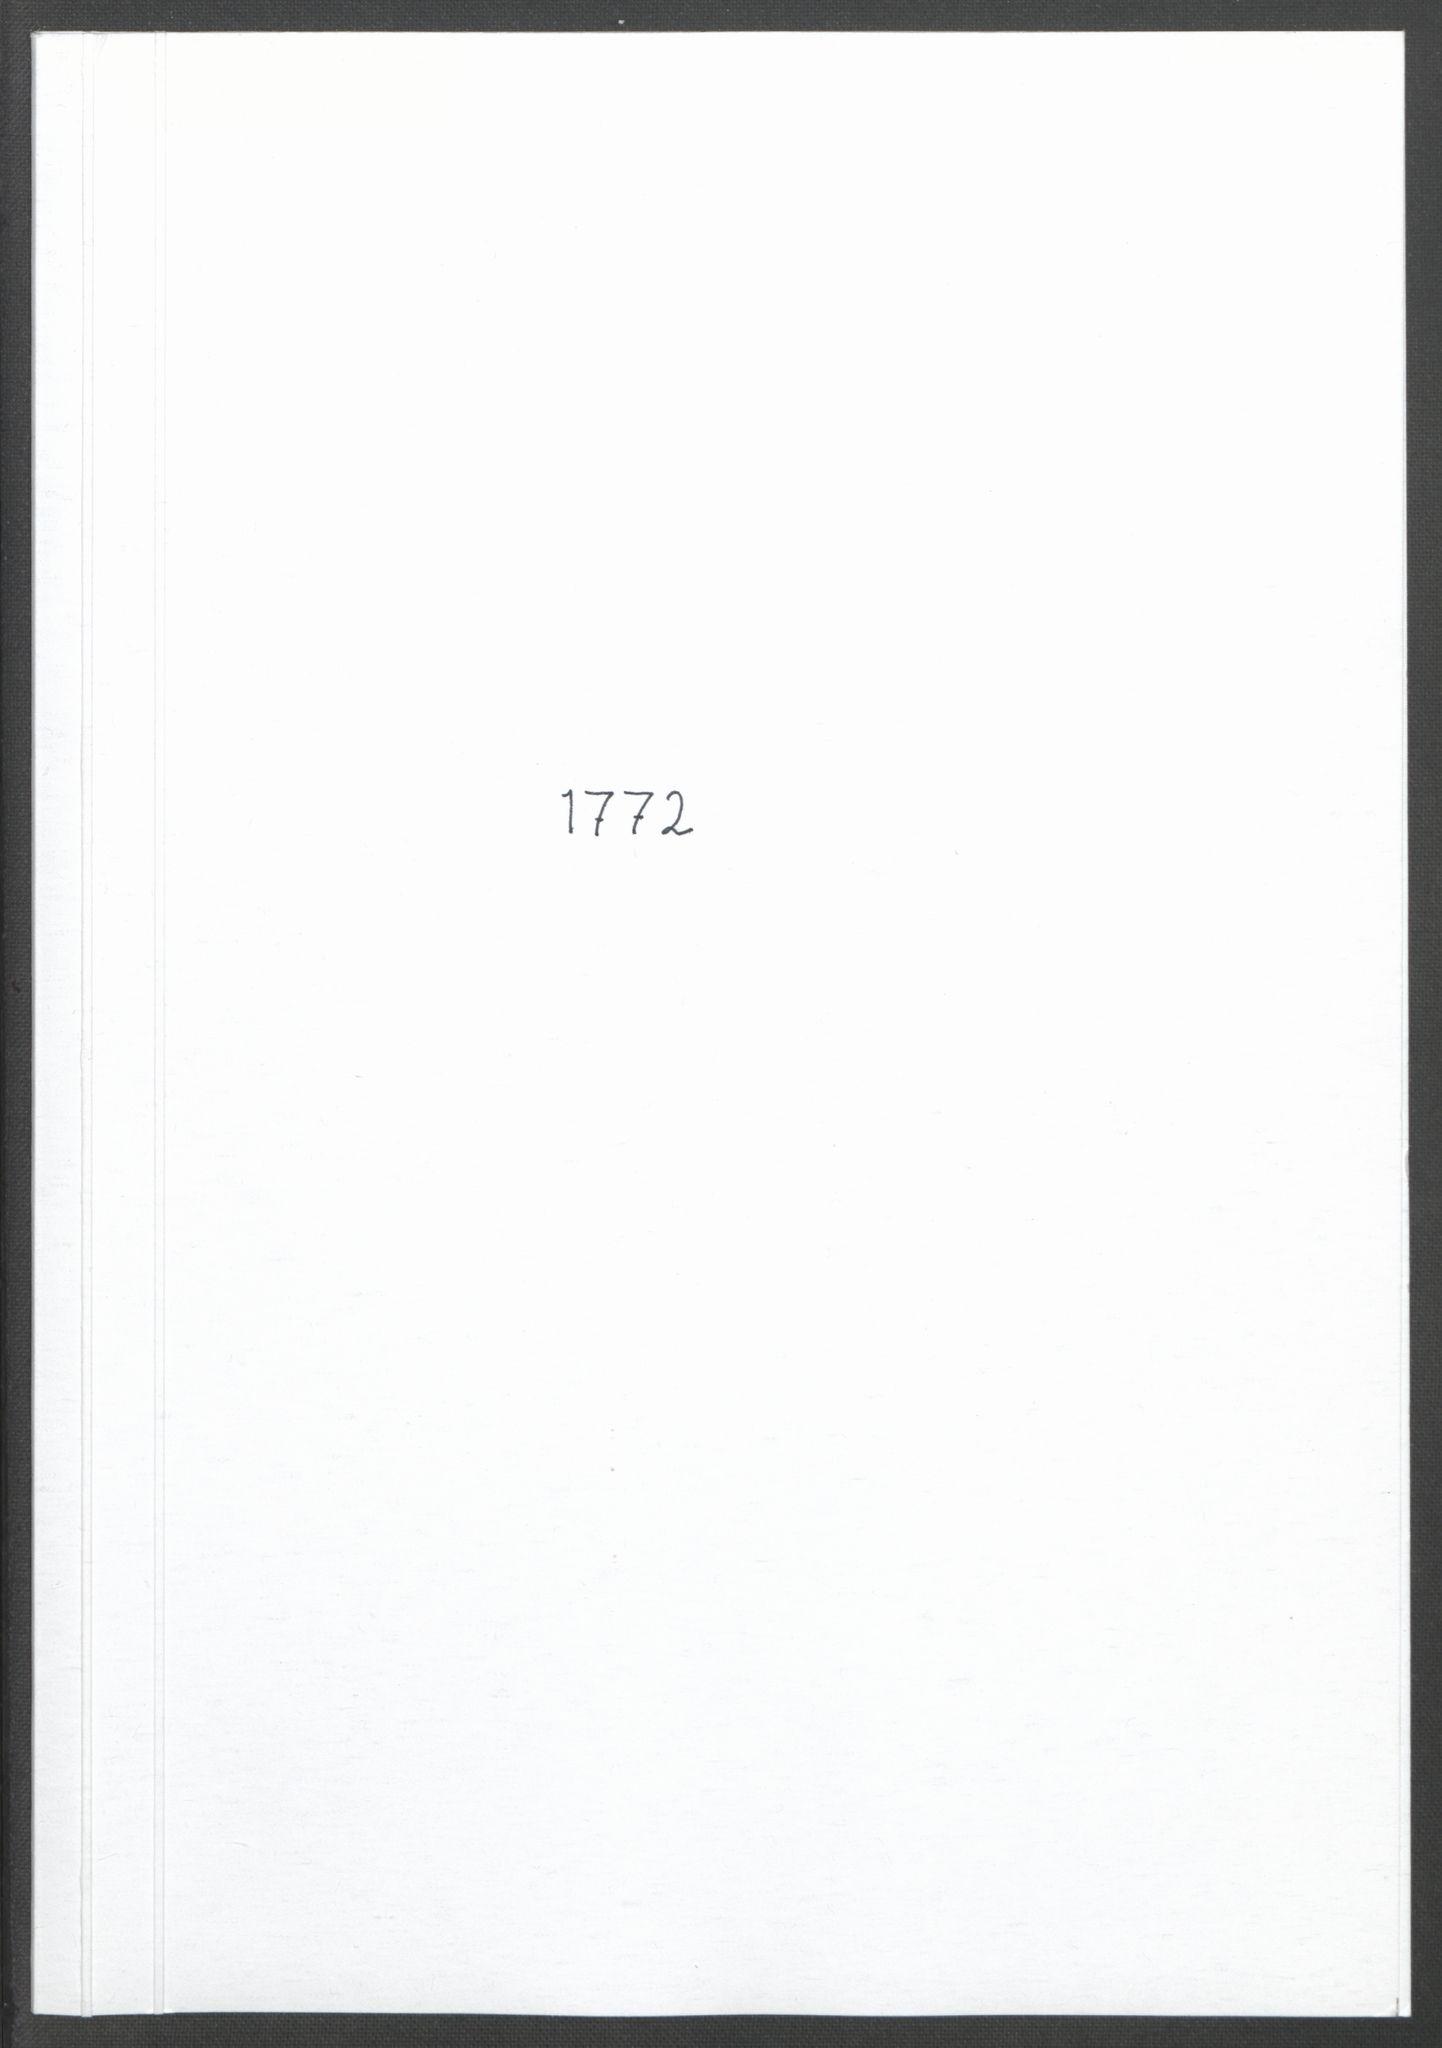 RA, Rentekammeret inntil 1814, Reviderte regnskaper, Fogderegnskap, R54/L3645: Ekstraskatten Sunnmøre, 1762-1772, s. 227